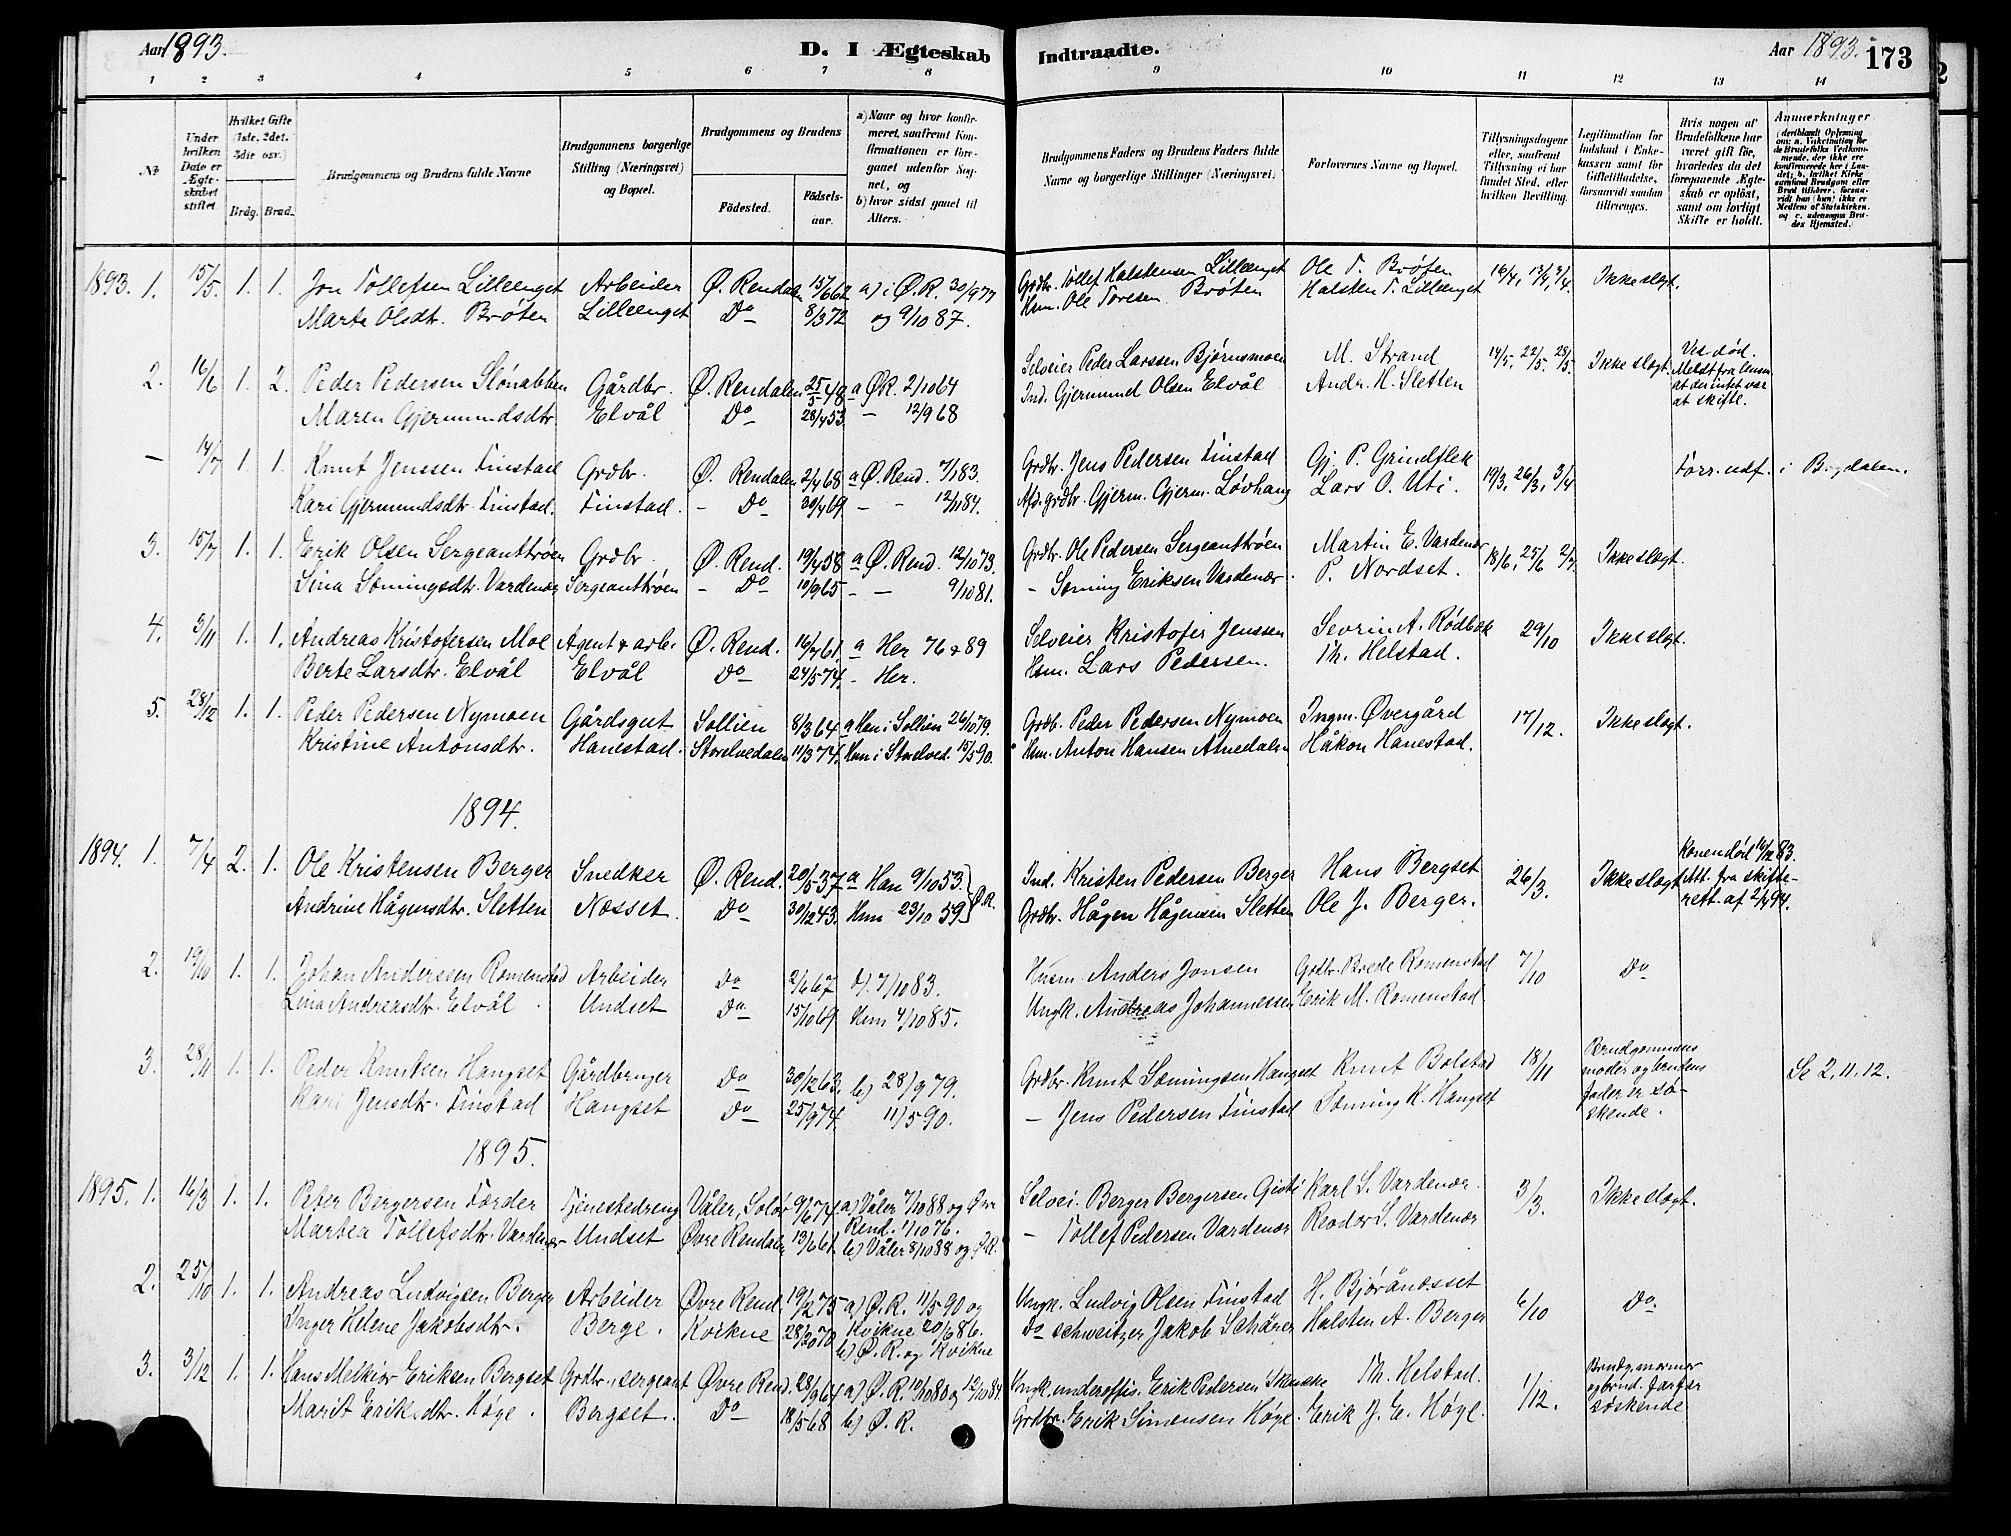 SAH, Rendalen prestekontor, H/Ha/Hab/L0003: Klokkerbok nr. 3, 1879-1904, s. 173